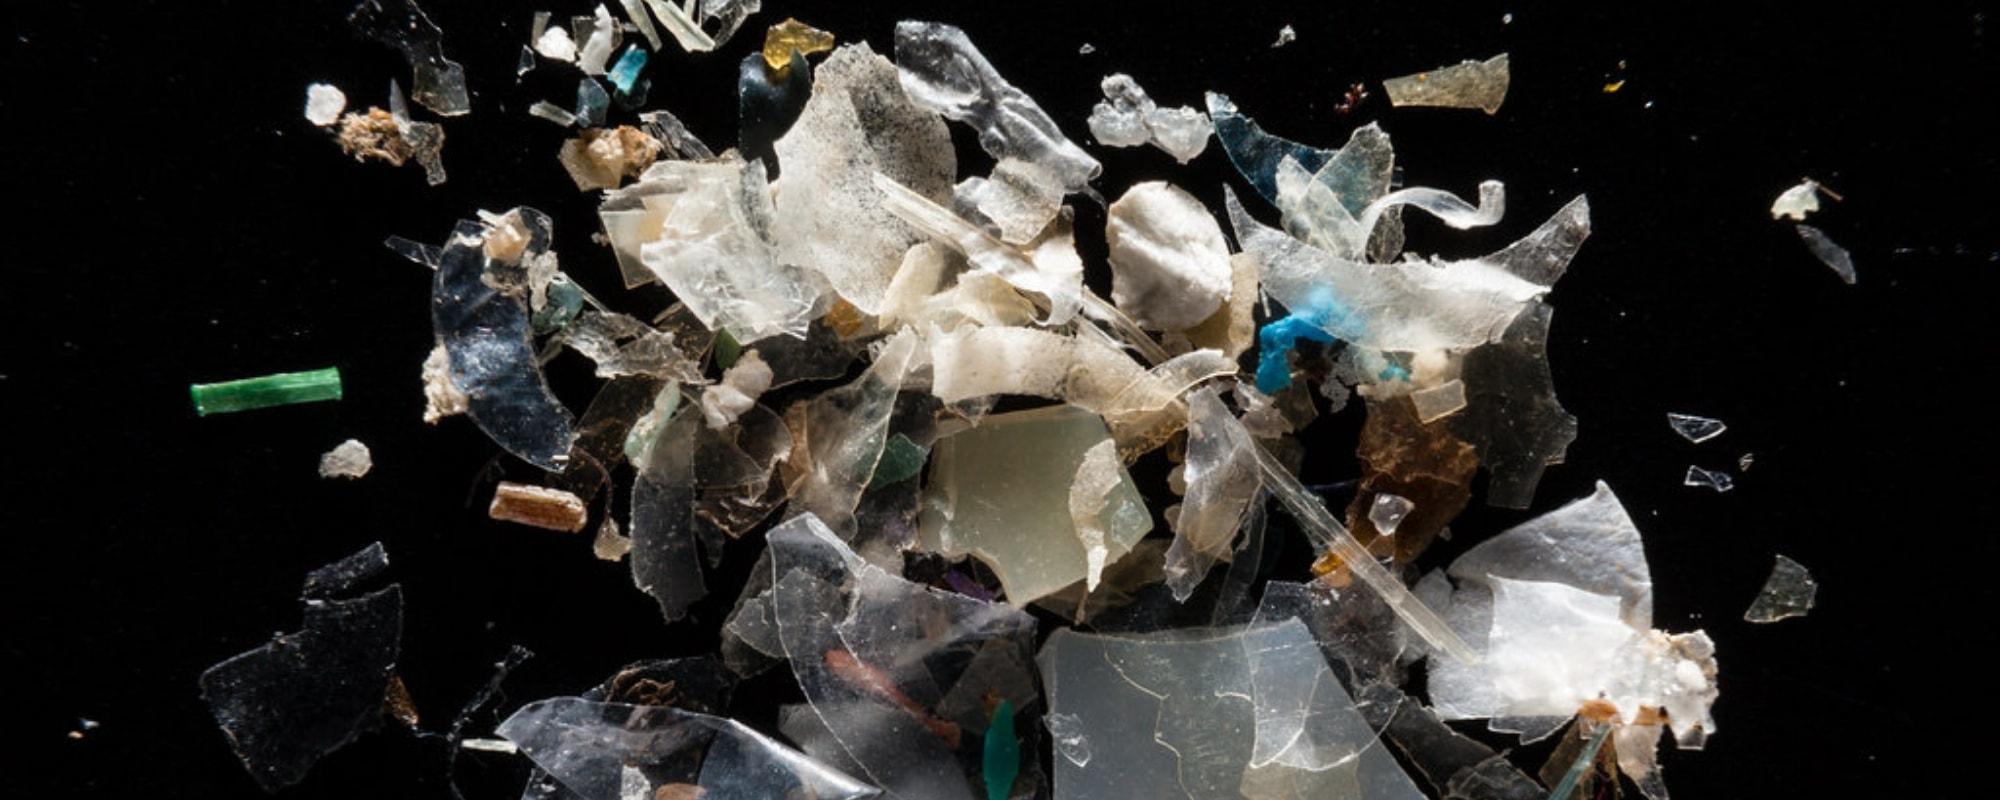 Microplastics vs Bioplastic